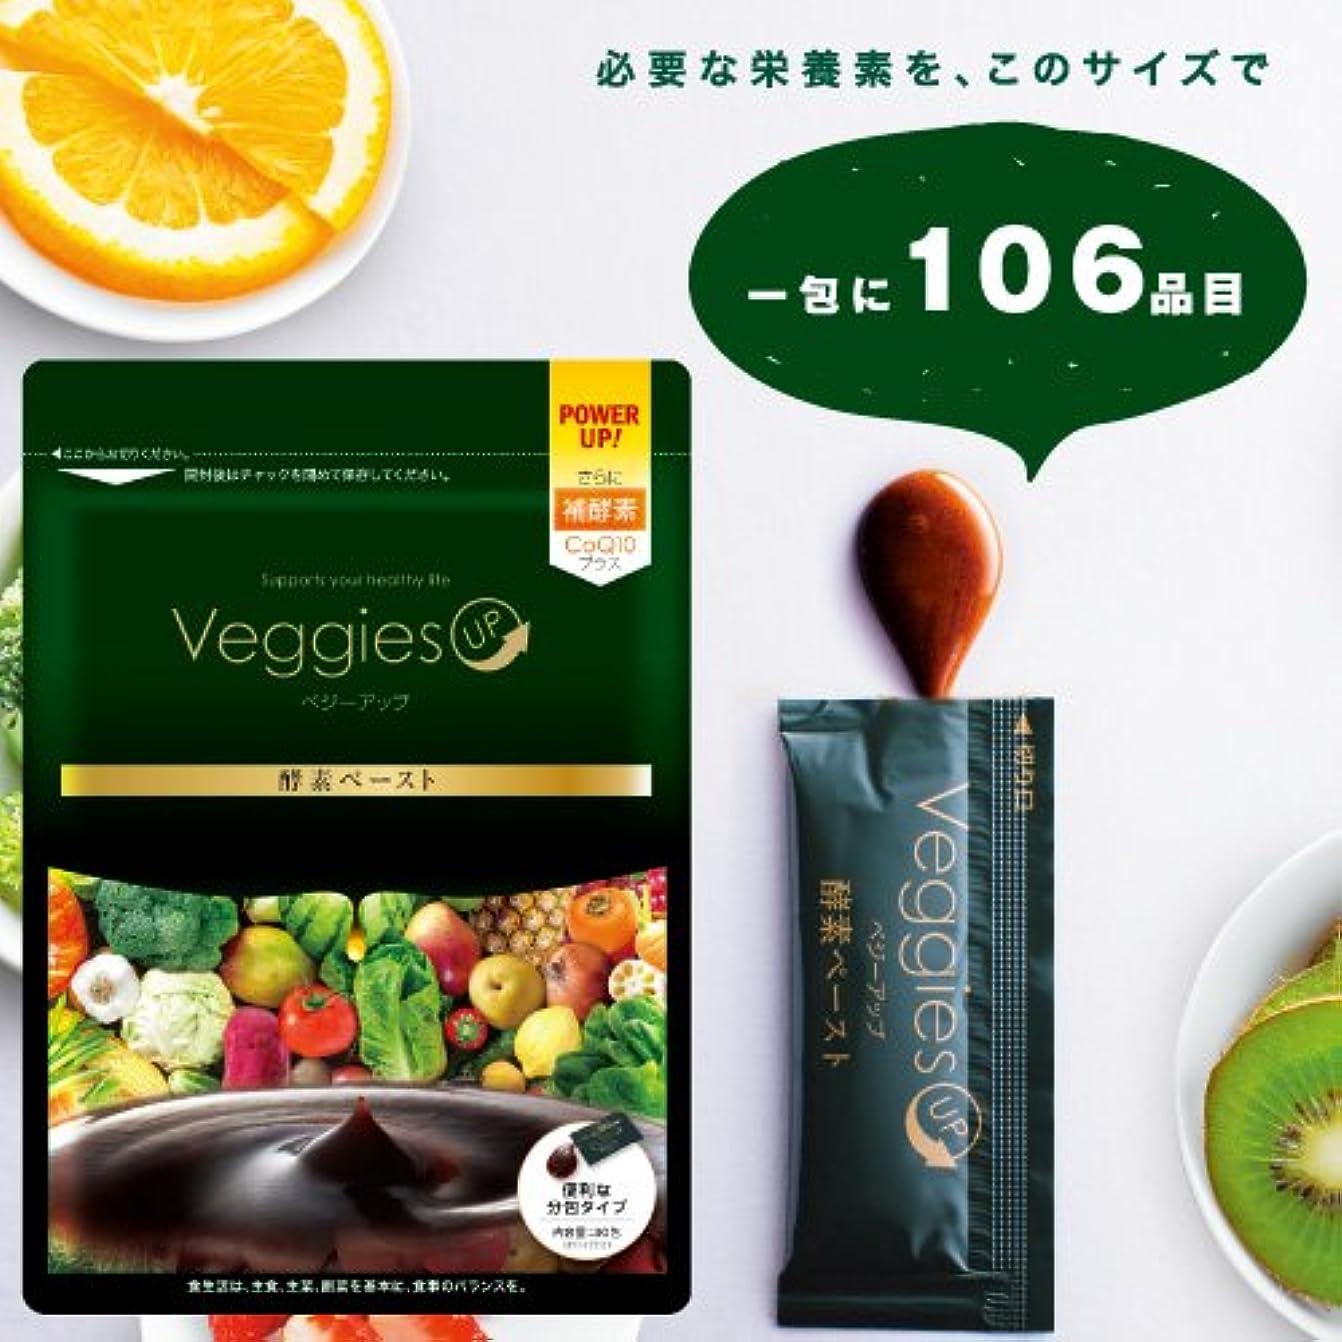 検証求めるかどうかベジーアップ酵素ペースト 90g [3g×30包] ダイエット オリゴ糖 イヌリン コエンザイムQ10 黒ウコン 健康